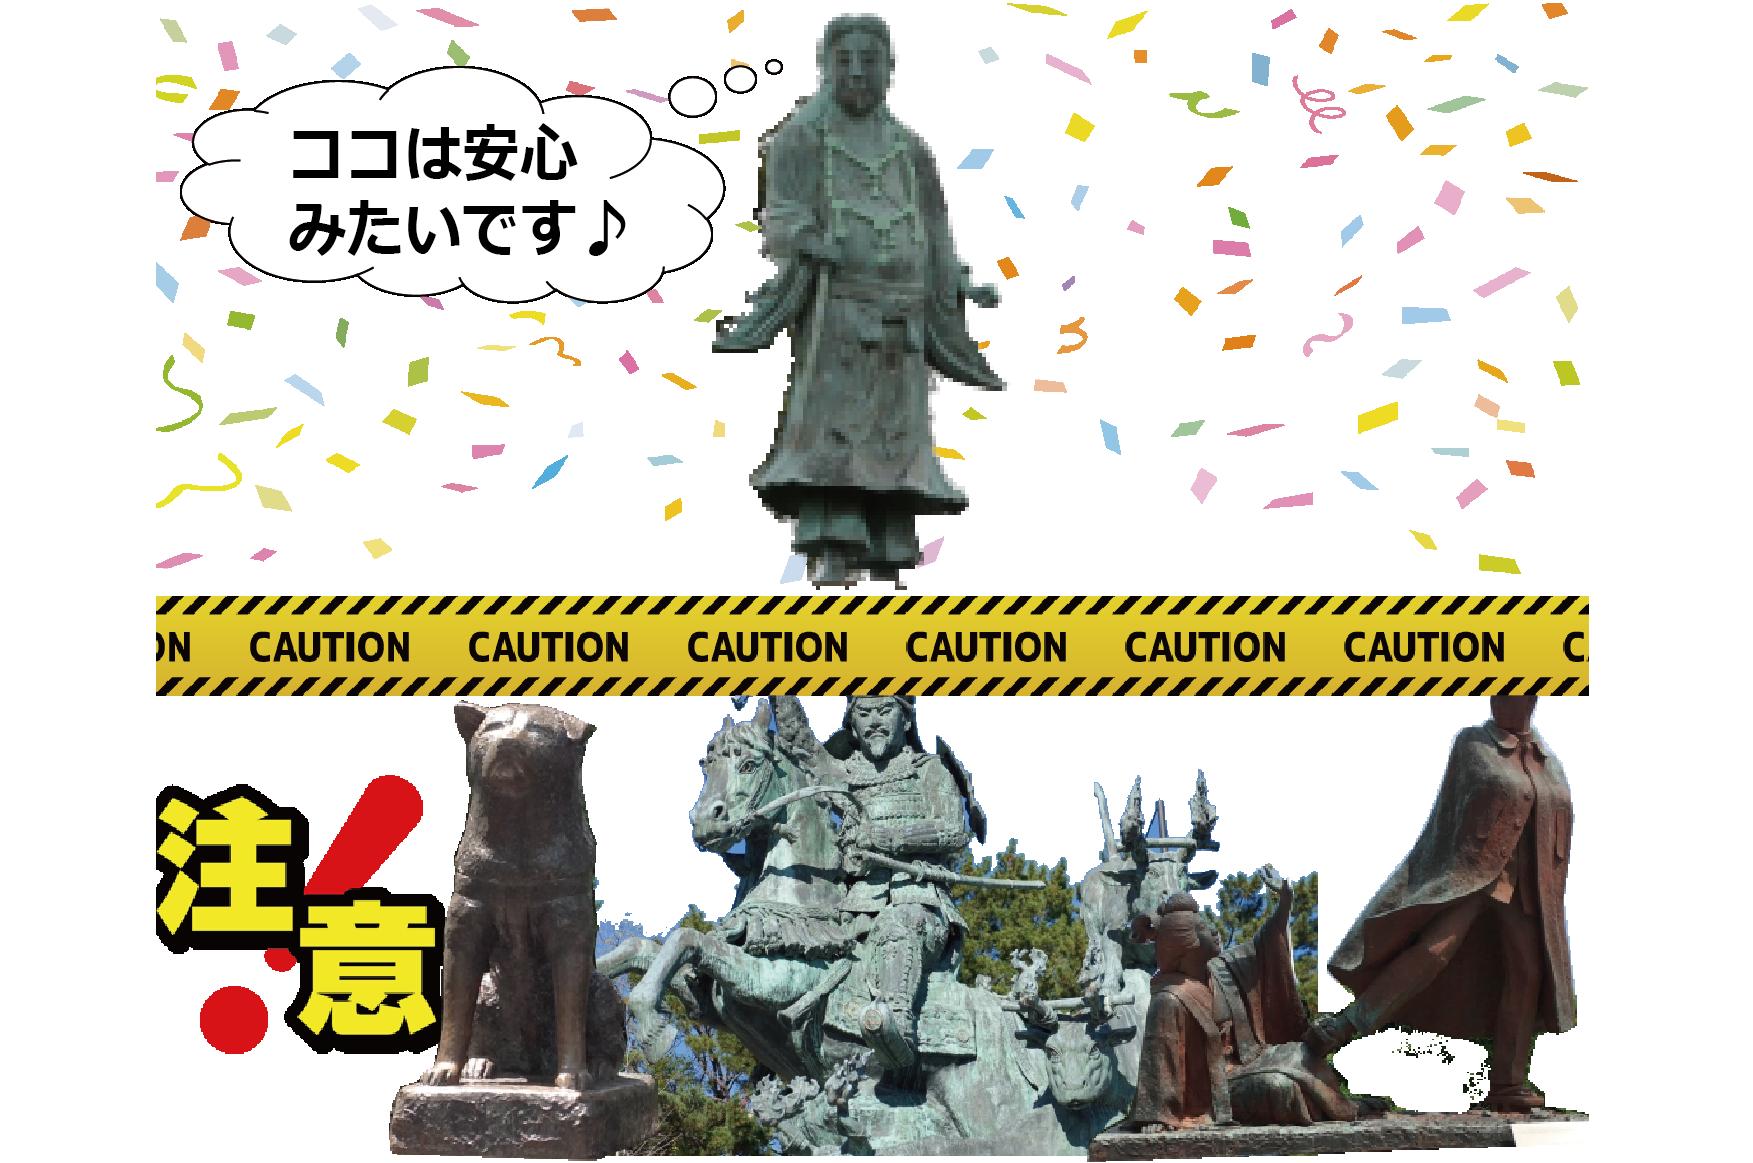 【9月1日 防災の日】日本最古の銅像は◯◯◯◯◯が低く、あの有名な銅像たちは◯◯◯◯◯が高い!